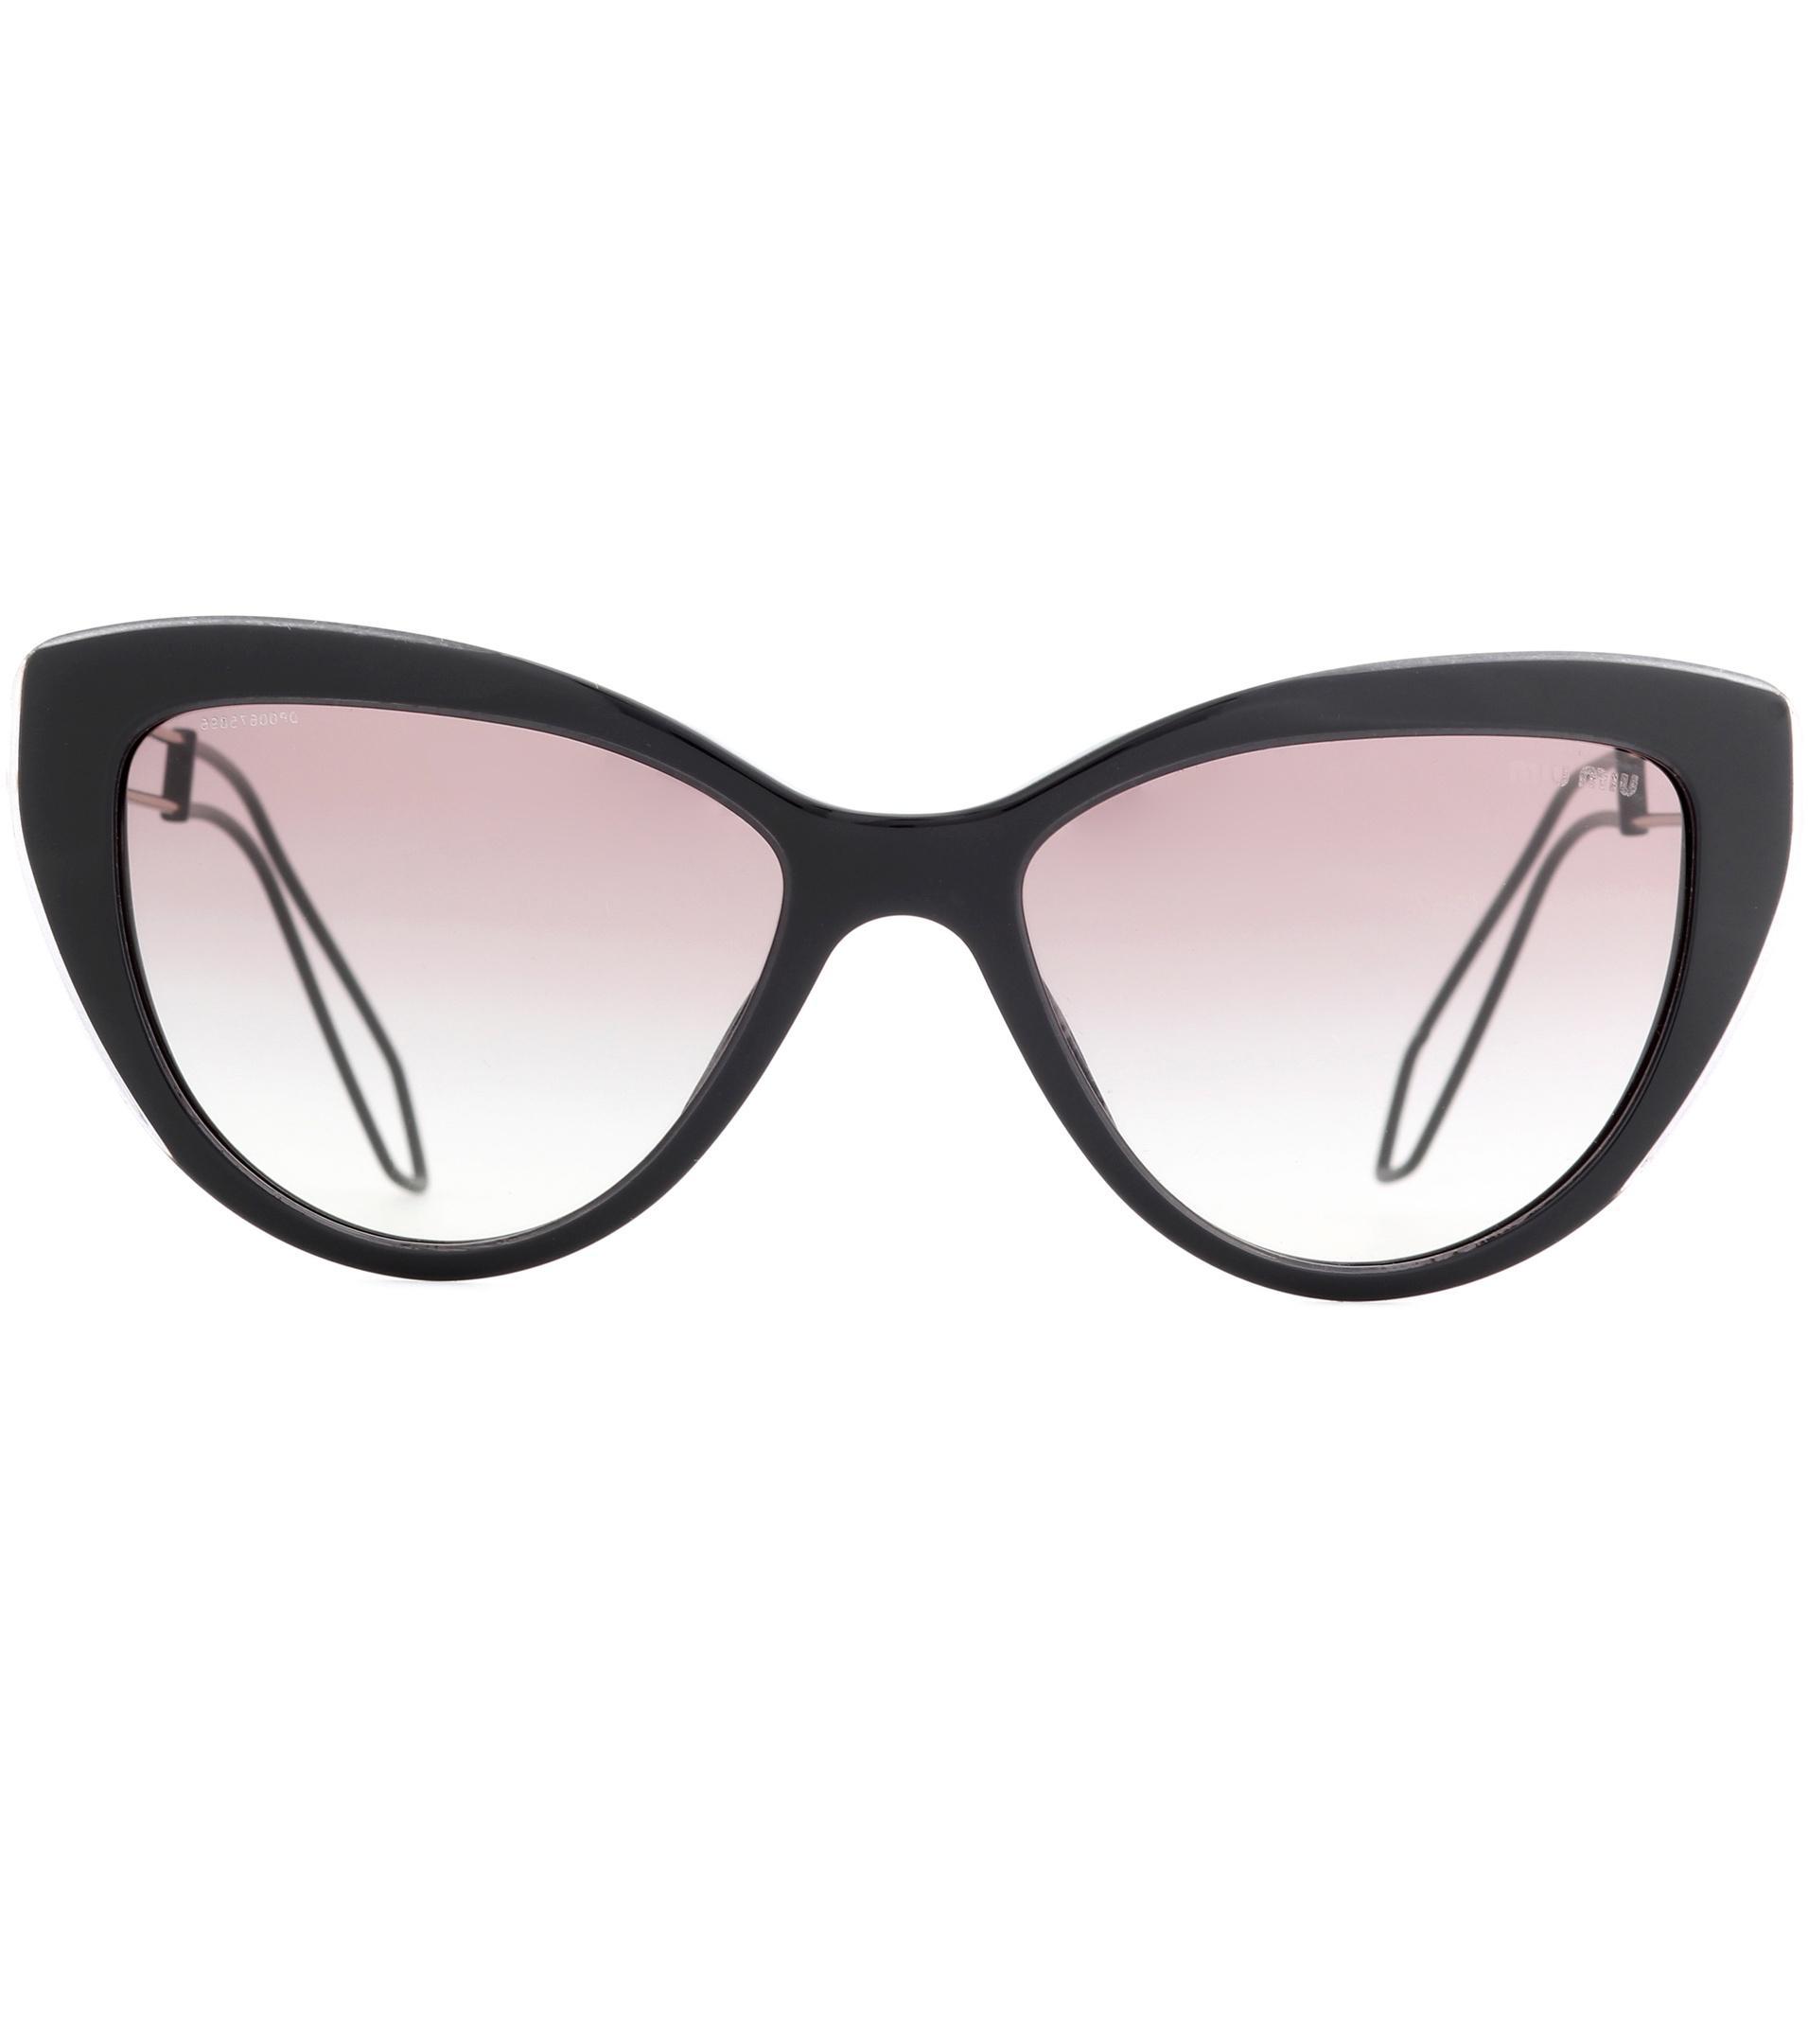 Miu Miu Cat Eye Sunglasses Sale   David Simchi-Levi 9393129aef